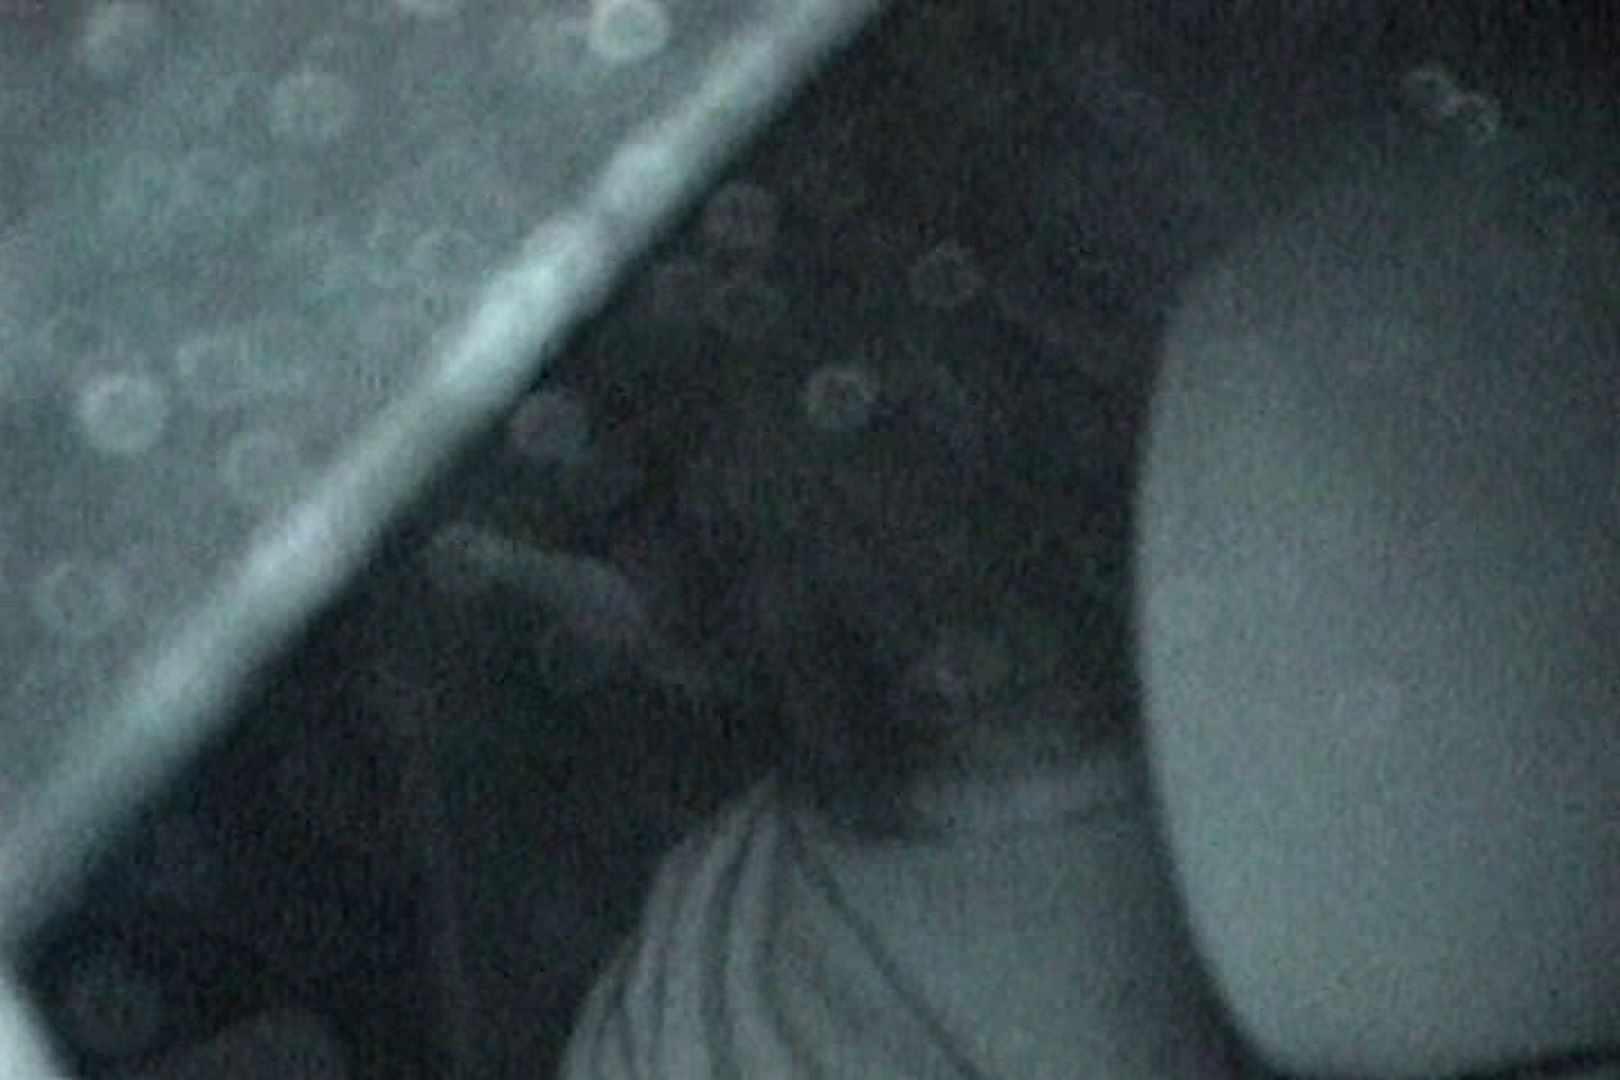 充血監督の深夜の運動会Vol.160 エロティックなOL AV動画キャプチャ 82画像 66